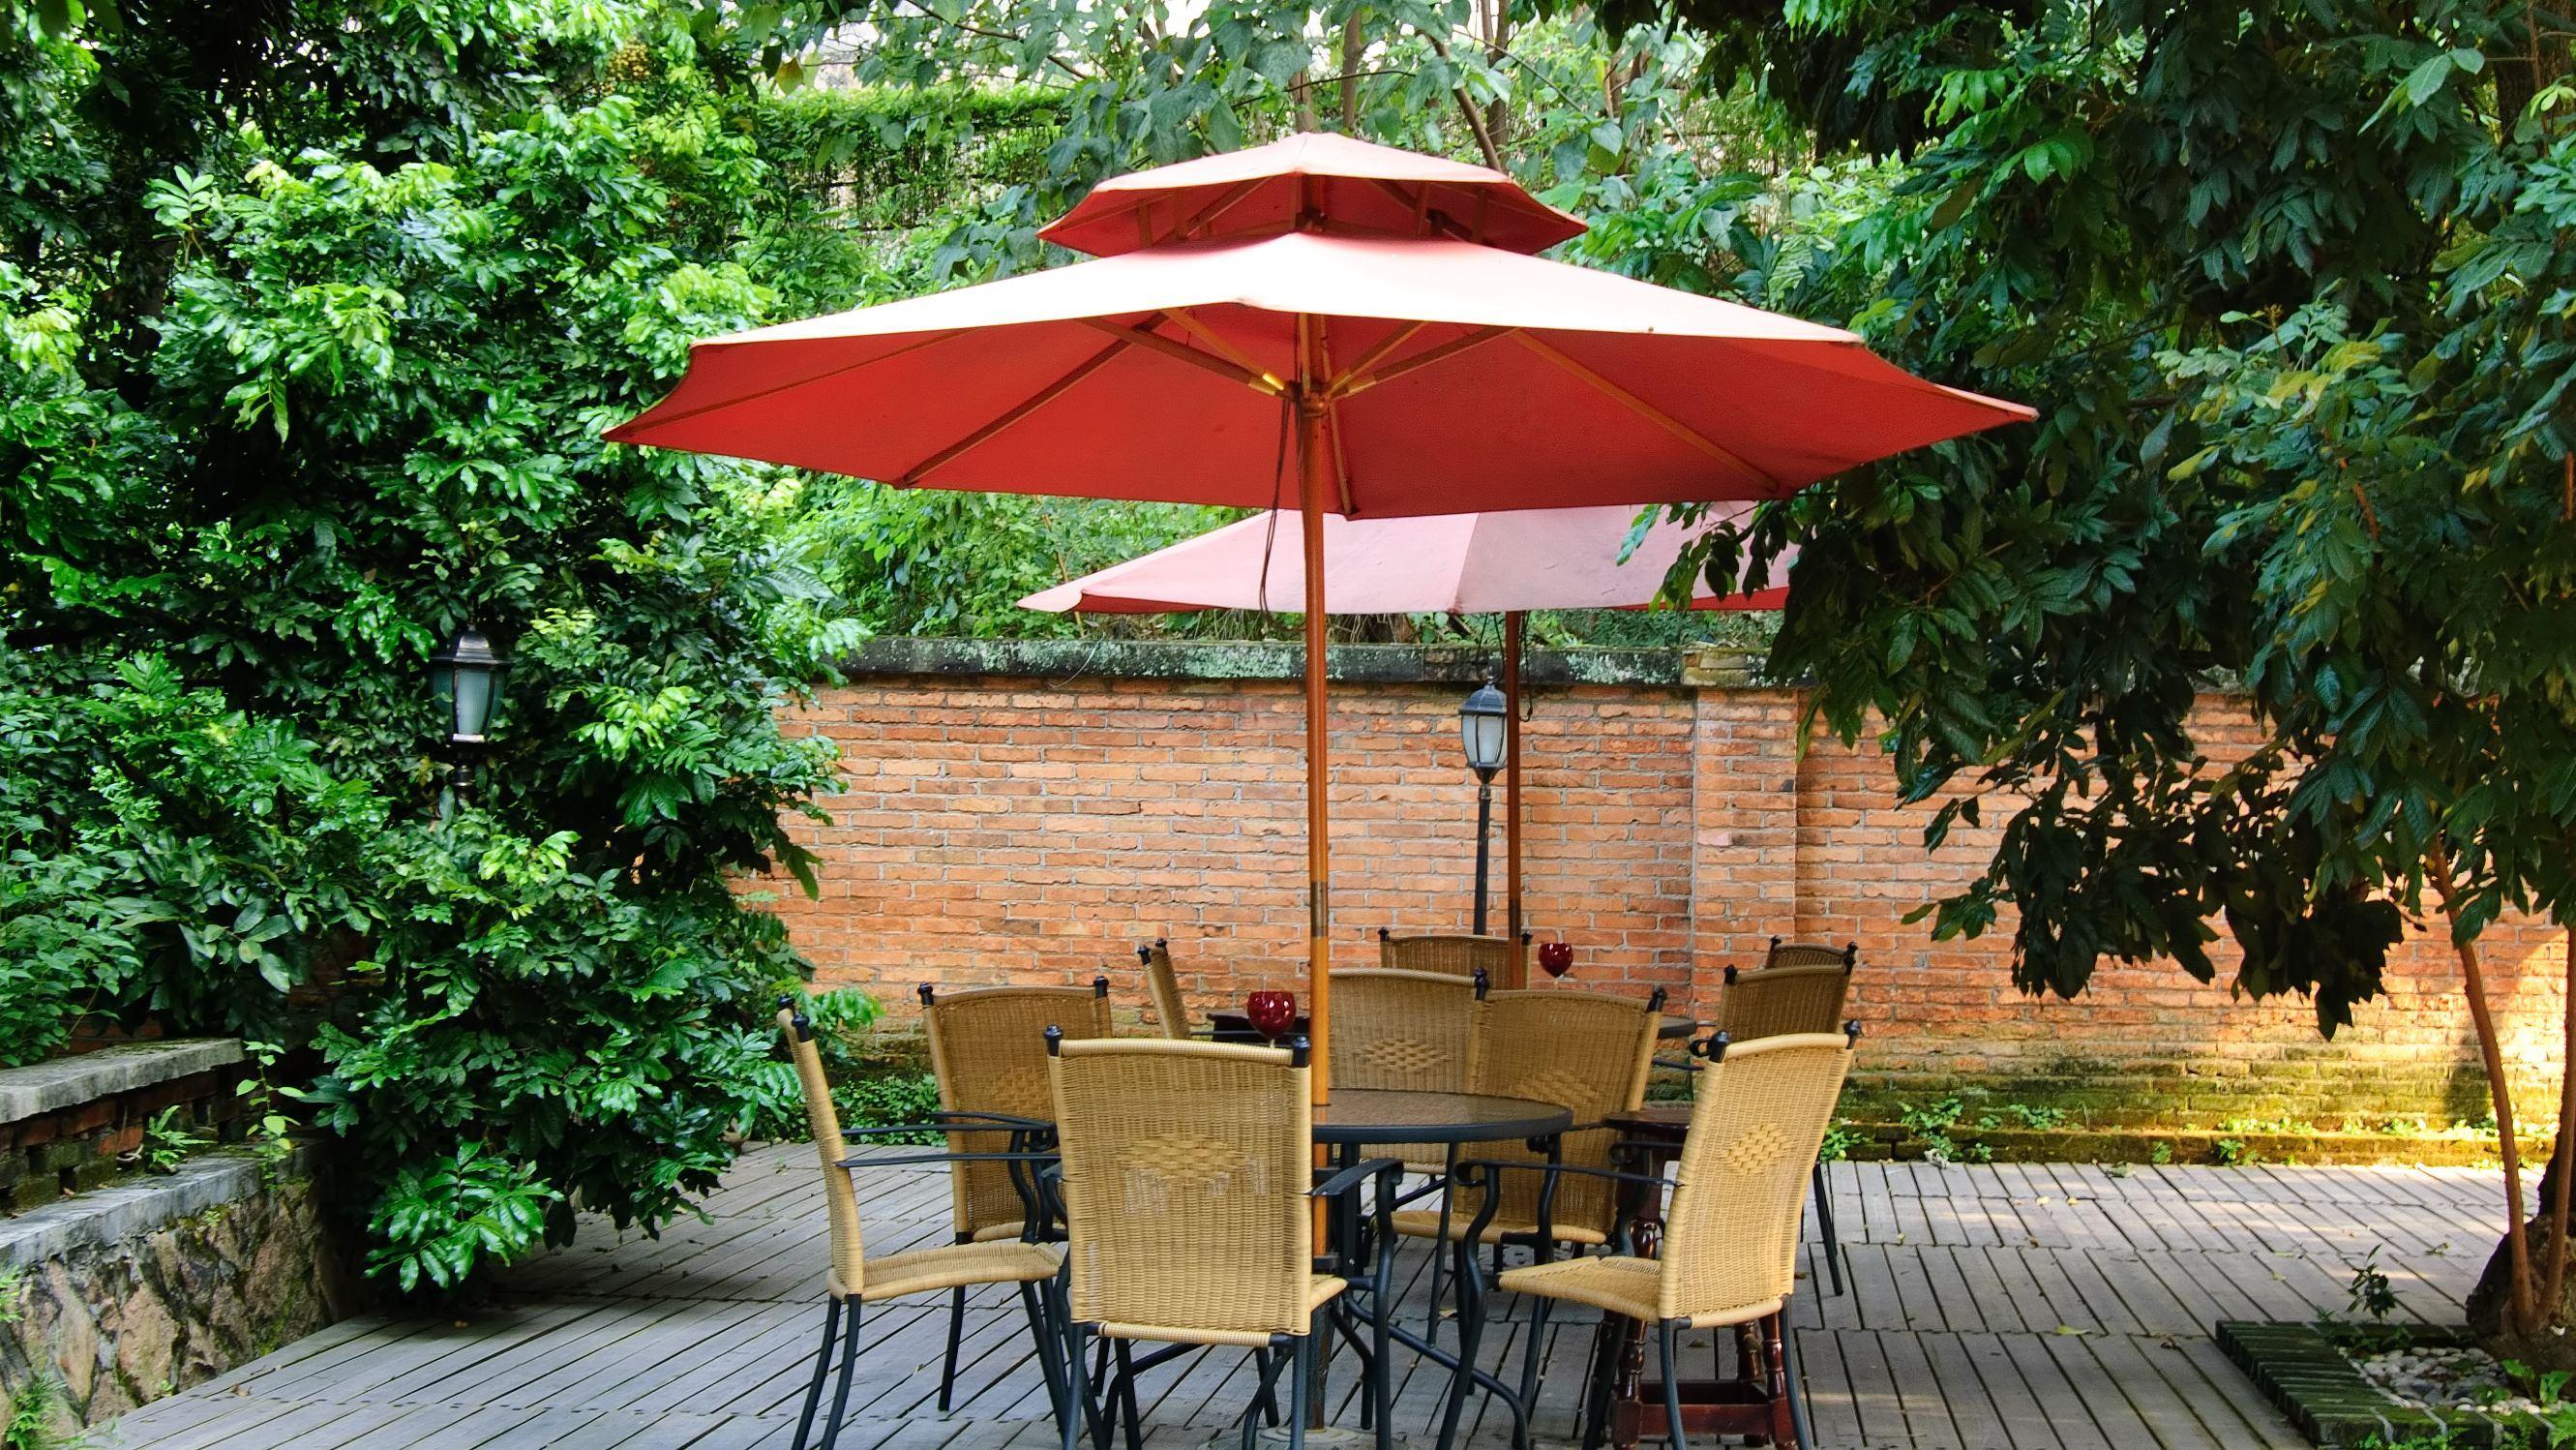 Parasol ou tonnelle : que choisir pour avoir de l'ombre aux beaux jours